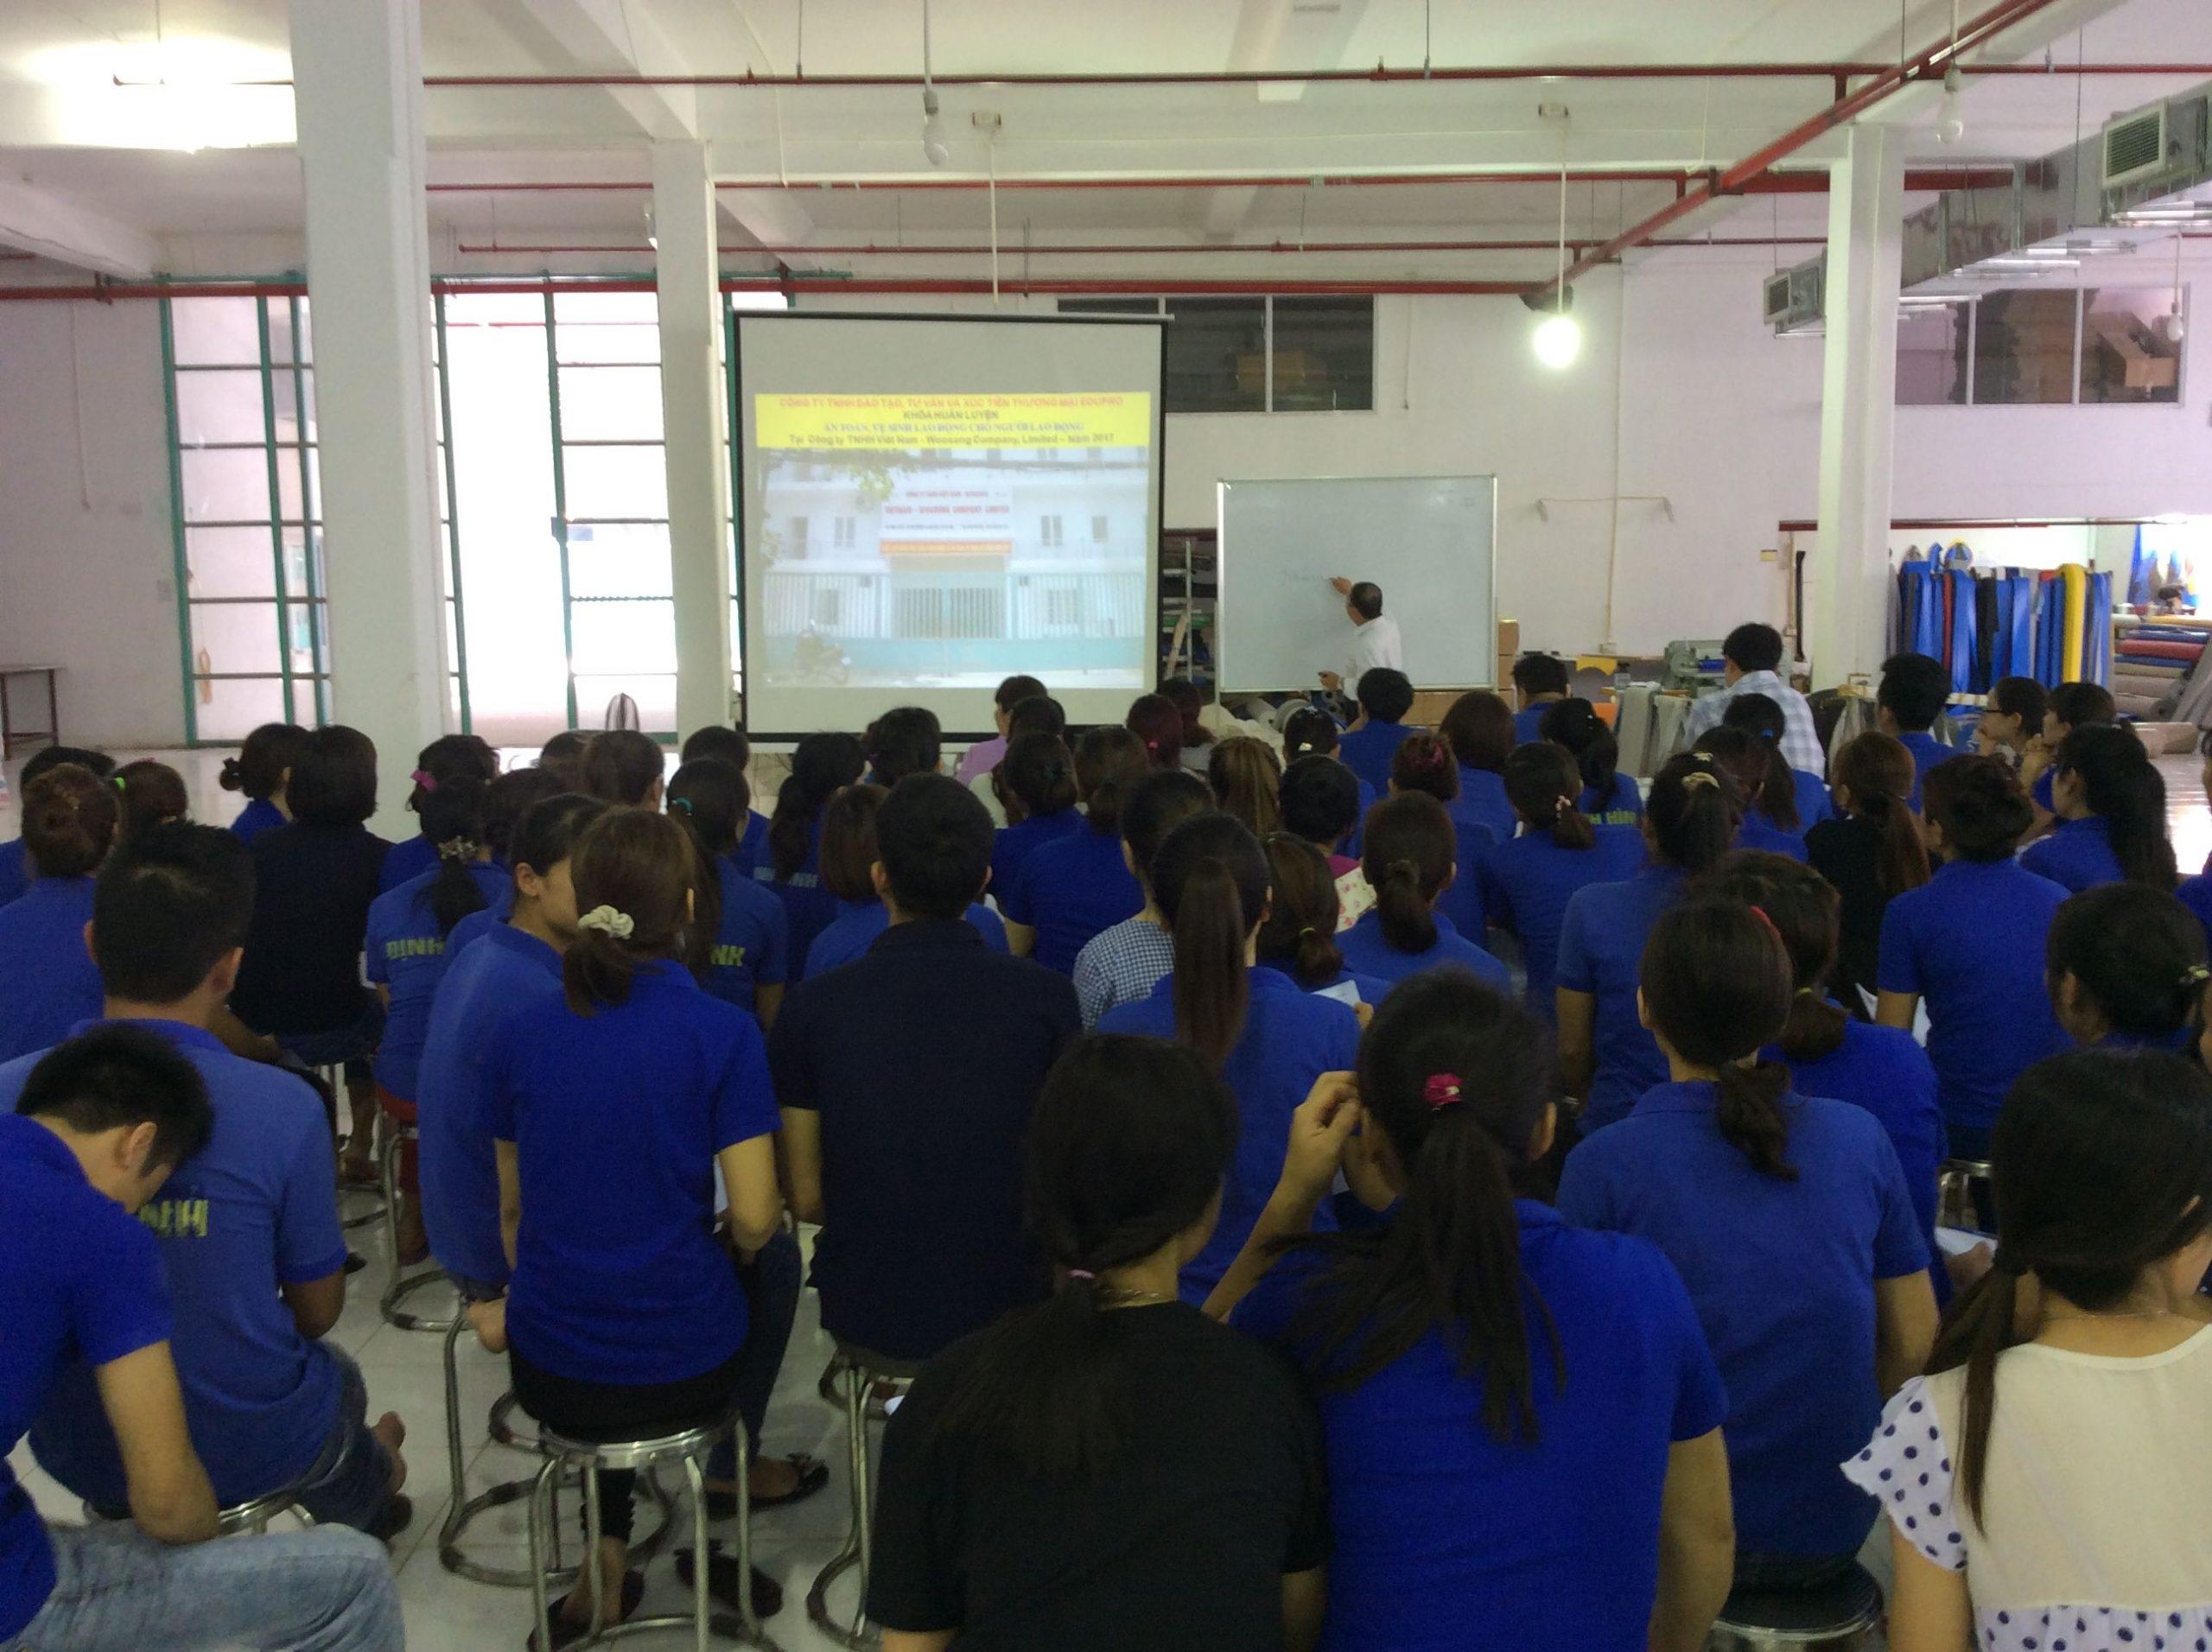 Huấn luyện an toàn lao động tại Hà nội | Nội dung theo NĐ 44/2016NĐ-CP